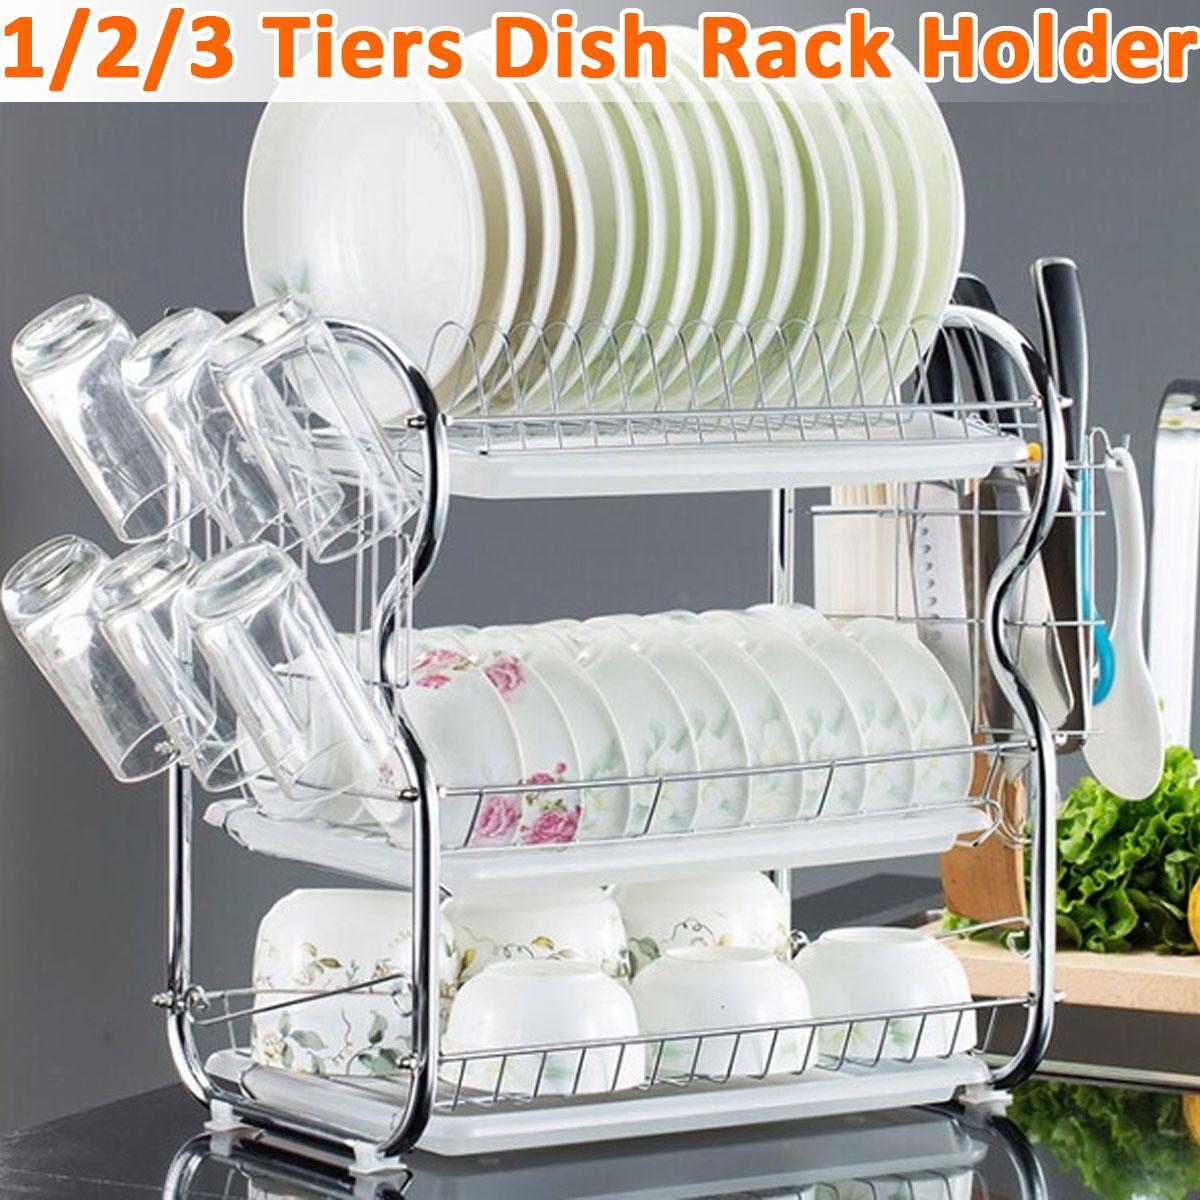 2-3 طبقات رف لتجفيف الأطباق المطبخ غسل حامل سلة مطلي الحديد سكين المطبخ بالوعة طبق تجفيف تجفيف الرف المنظم الرف